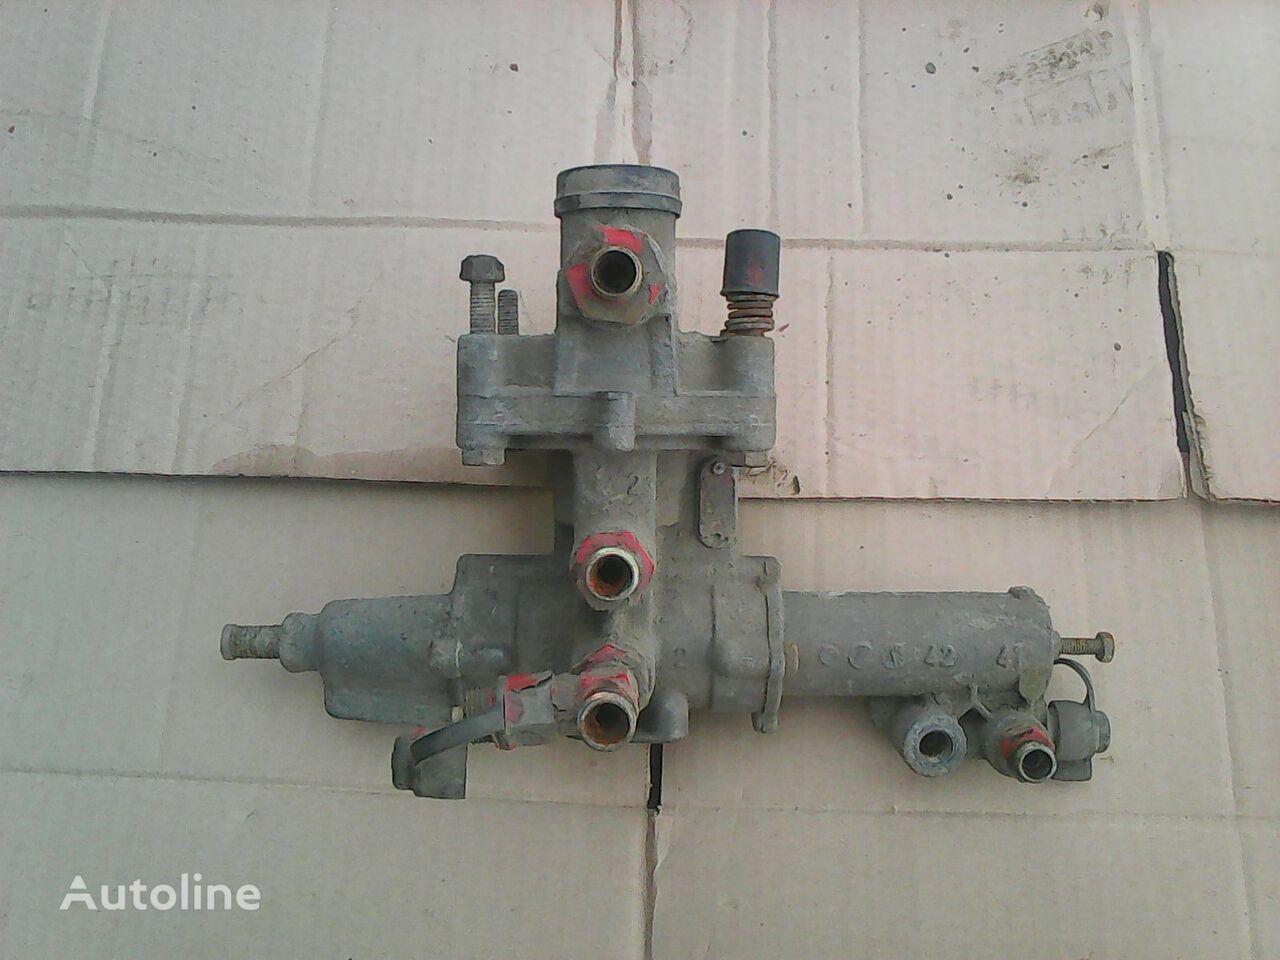 Regulyator tormoznyh sil (pr-vo Wabco) 4757145007 onderdeel voor oplegger